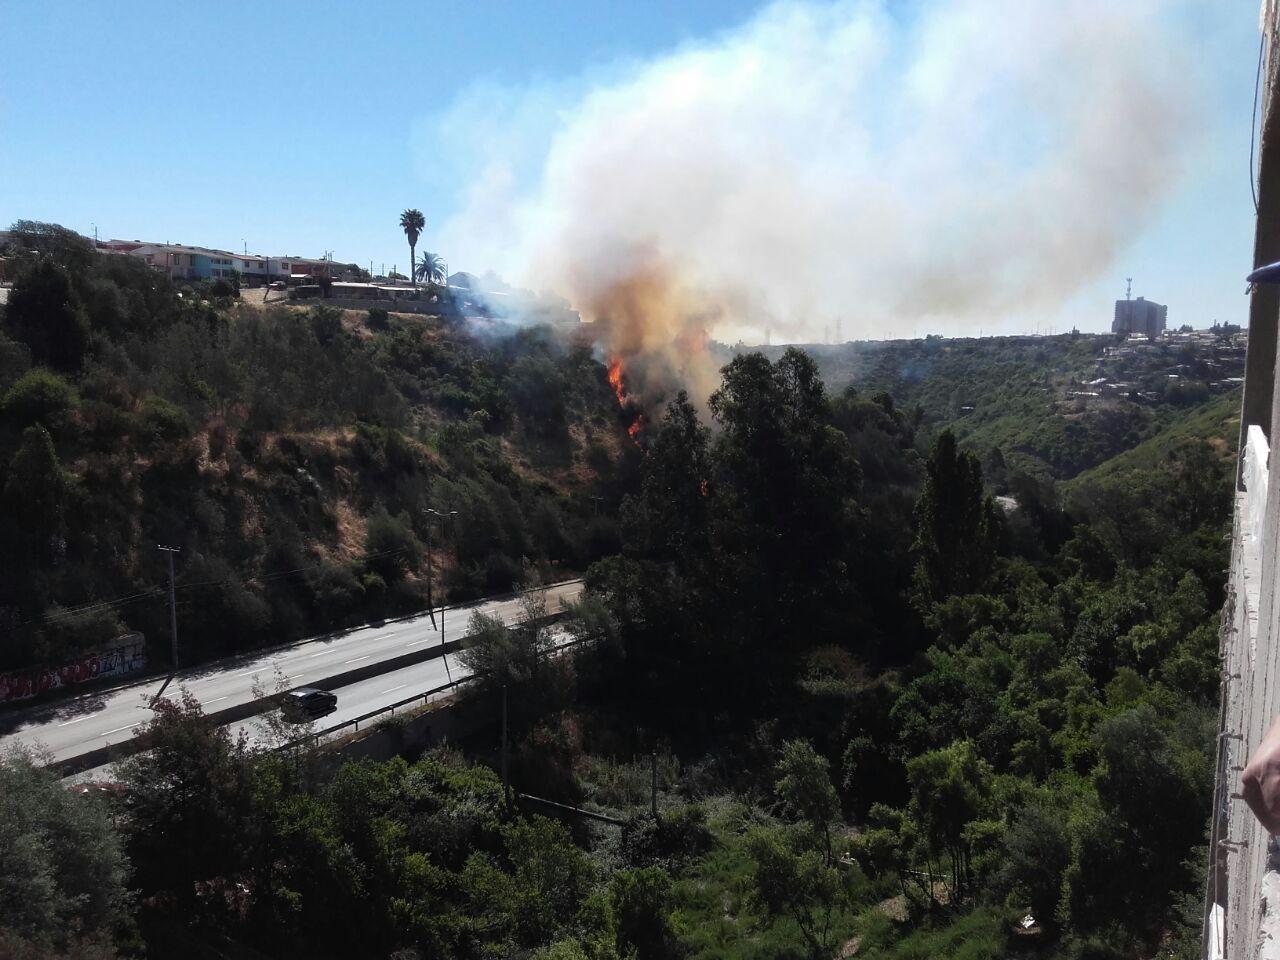 Decretan Alerta Roja para la comuna de Quilpué por incendio forestal